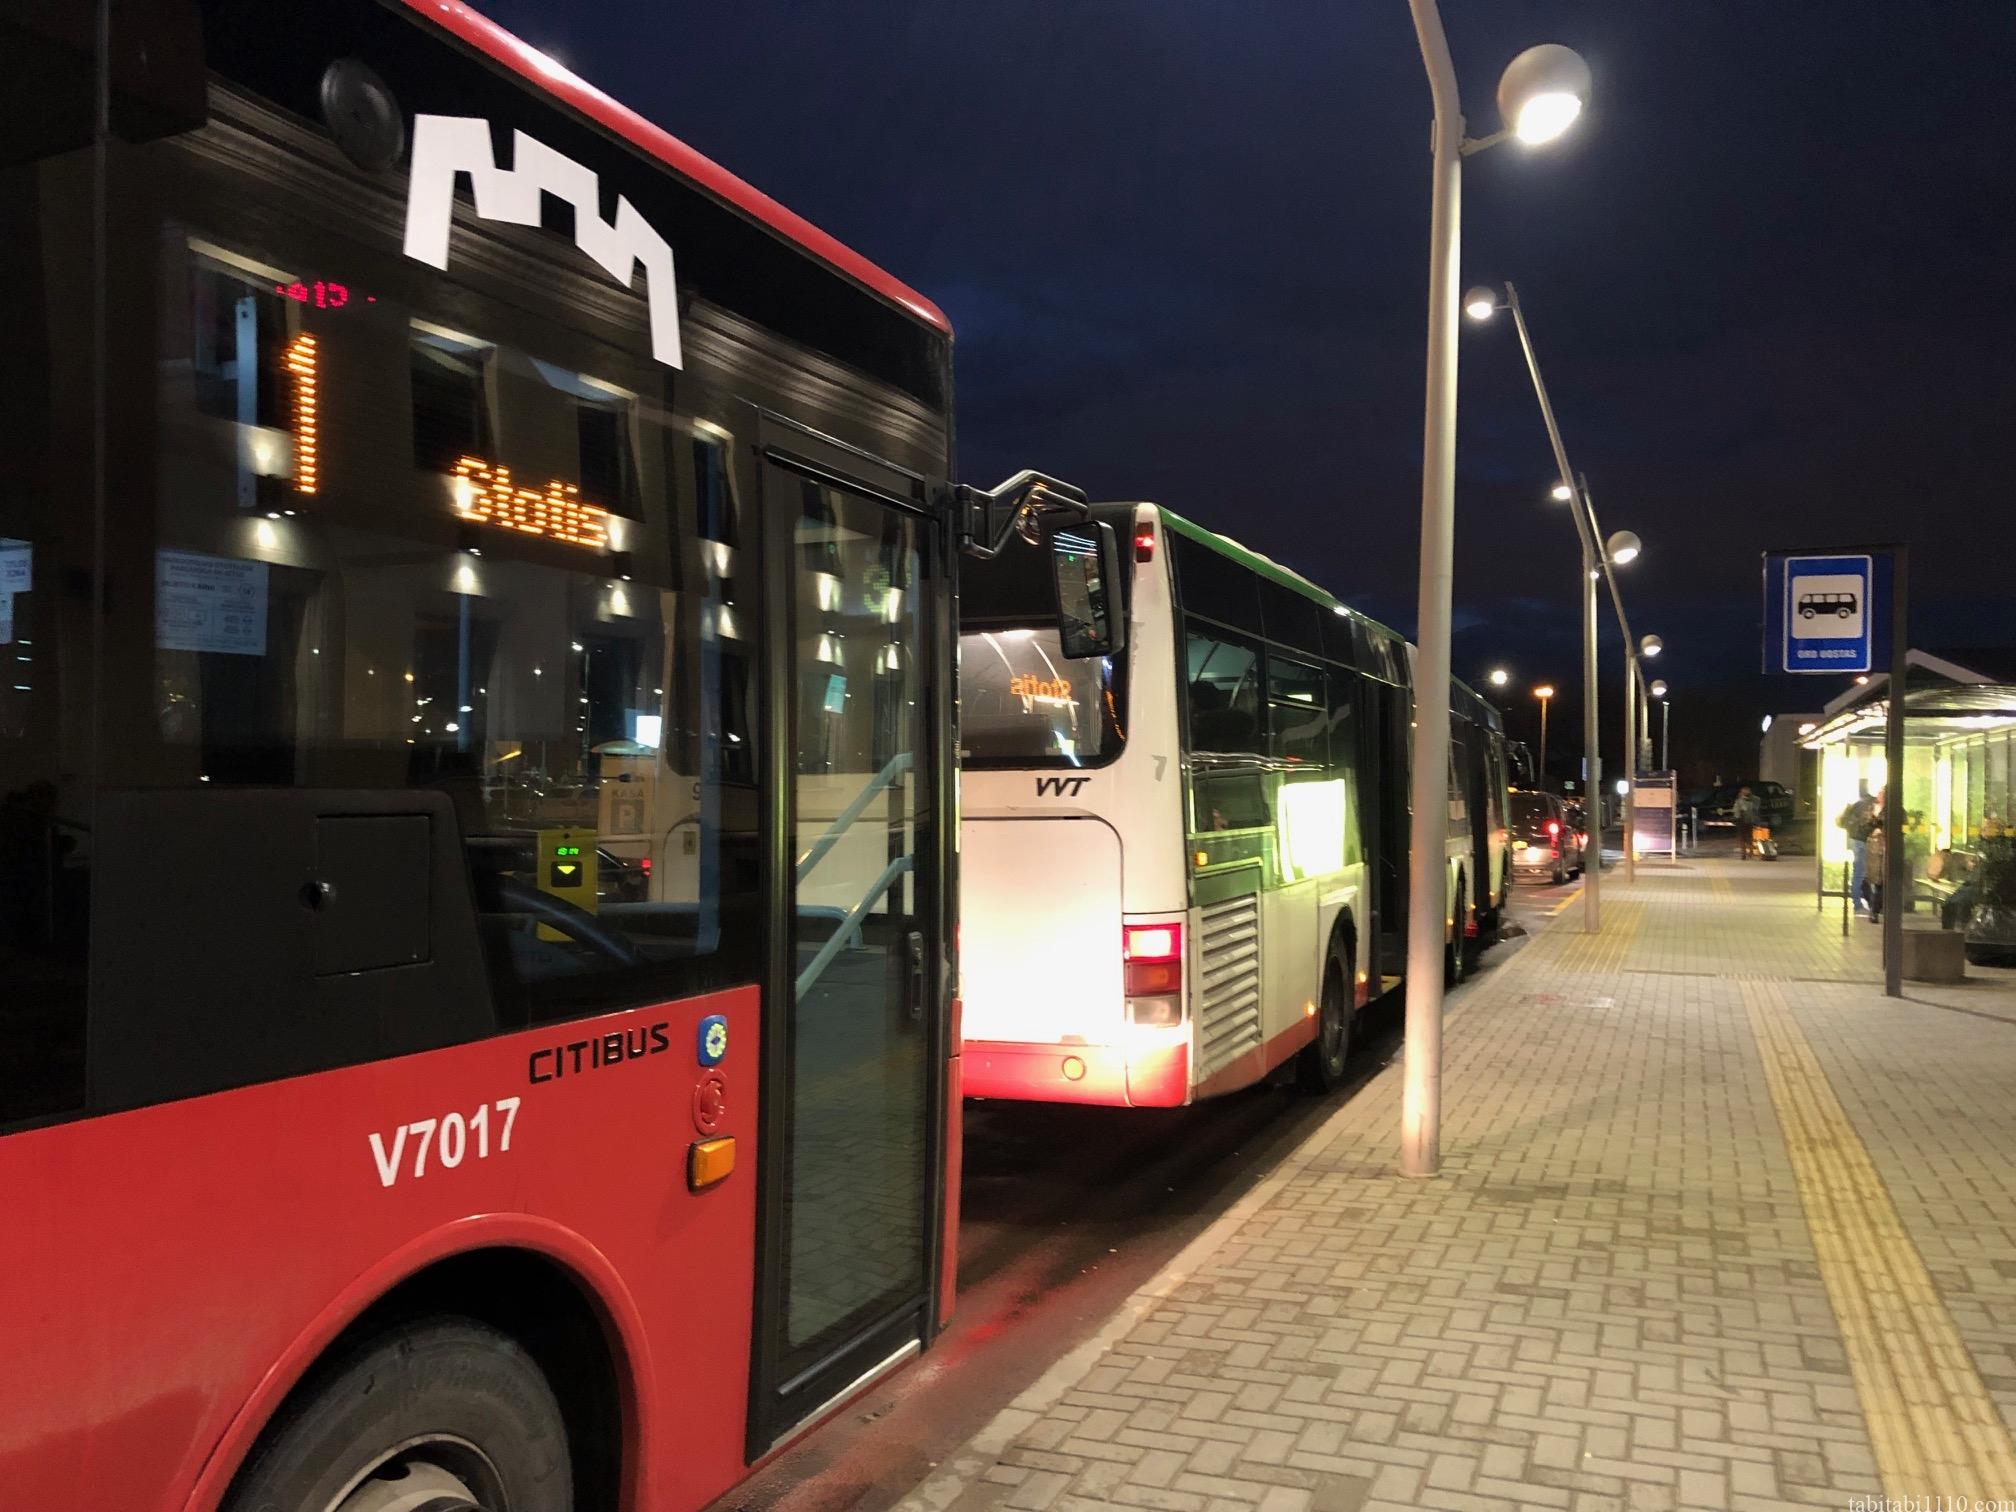 ビリニュス 市内バス